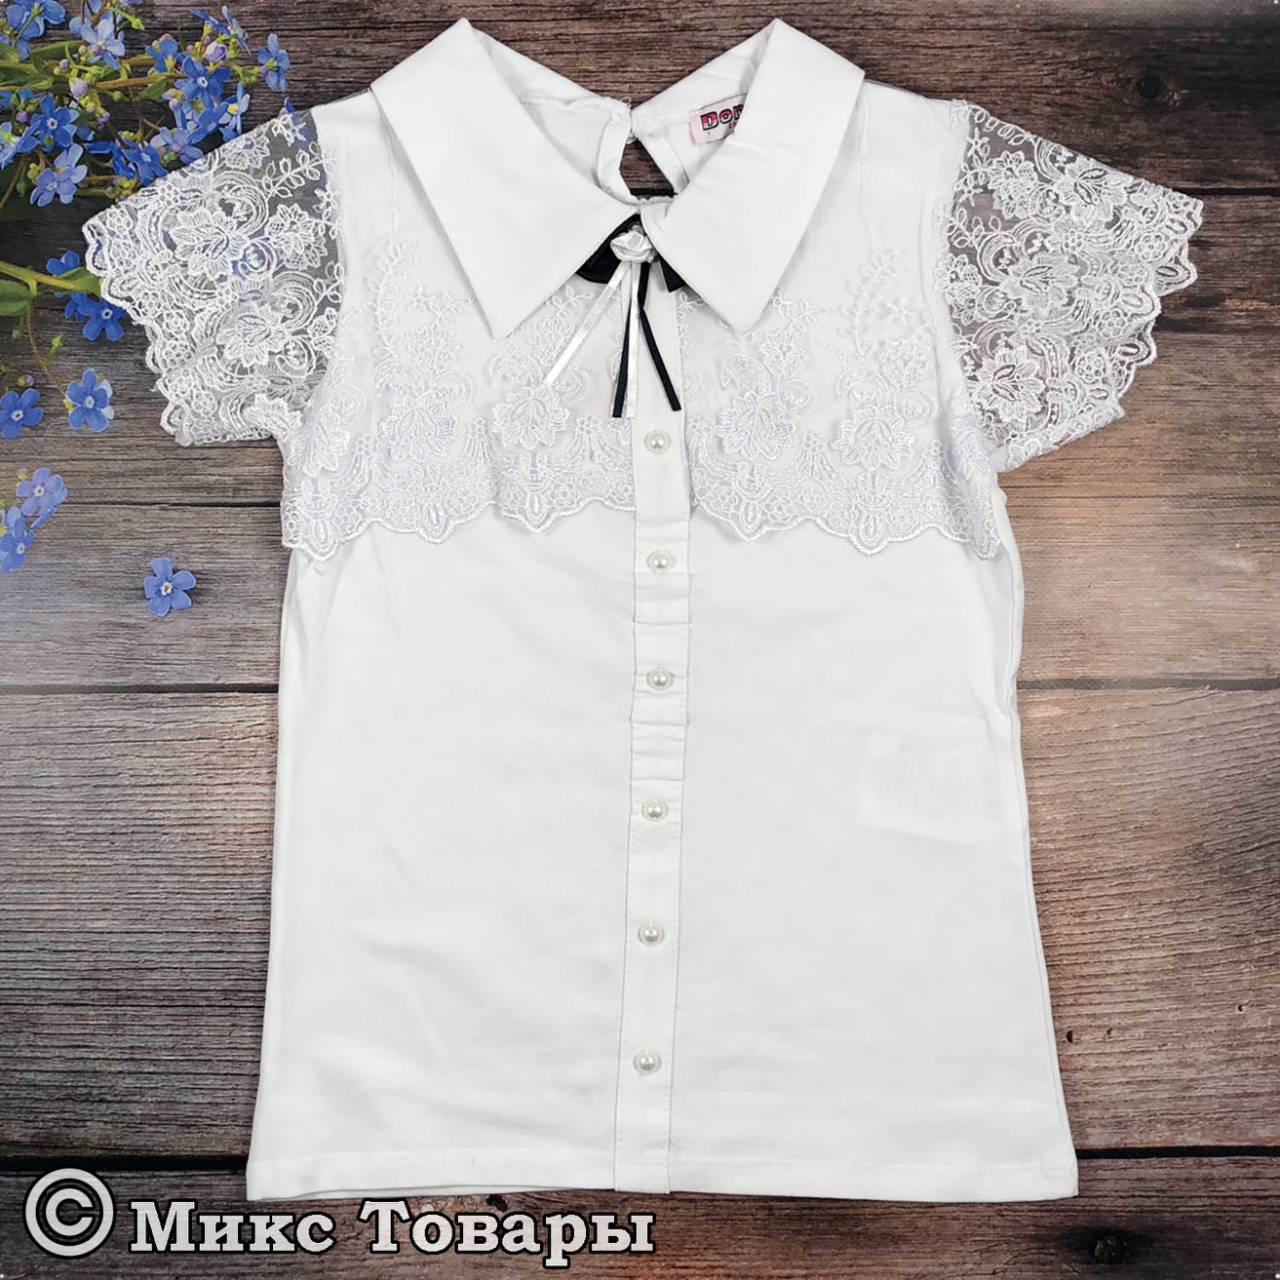 Белая нарядная блузка для девочек Размер: 128 см (6674-2)